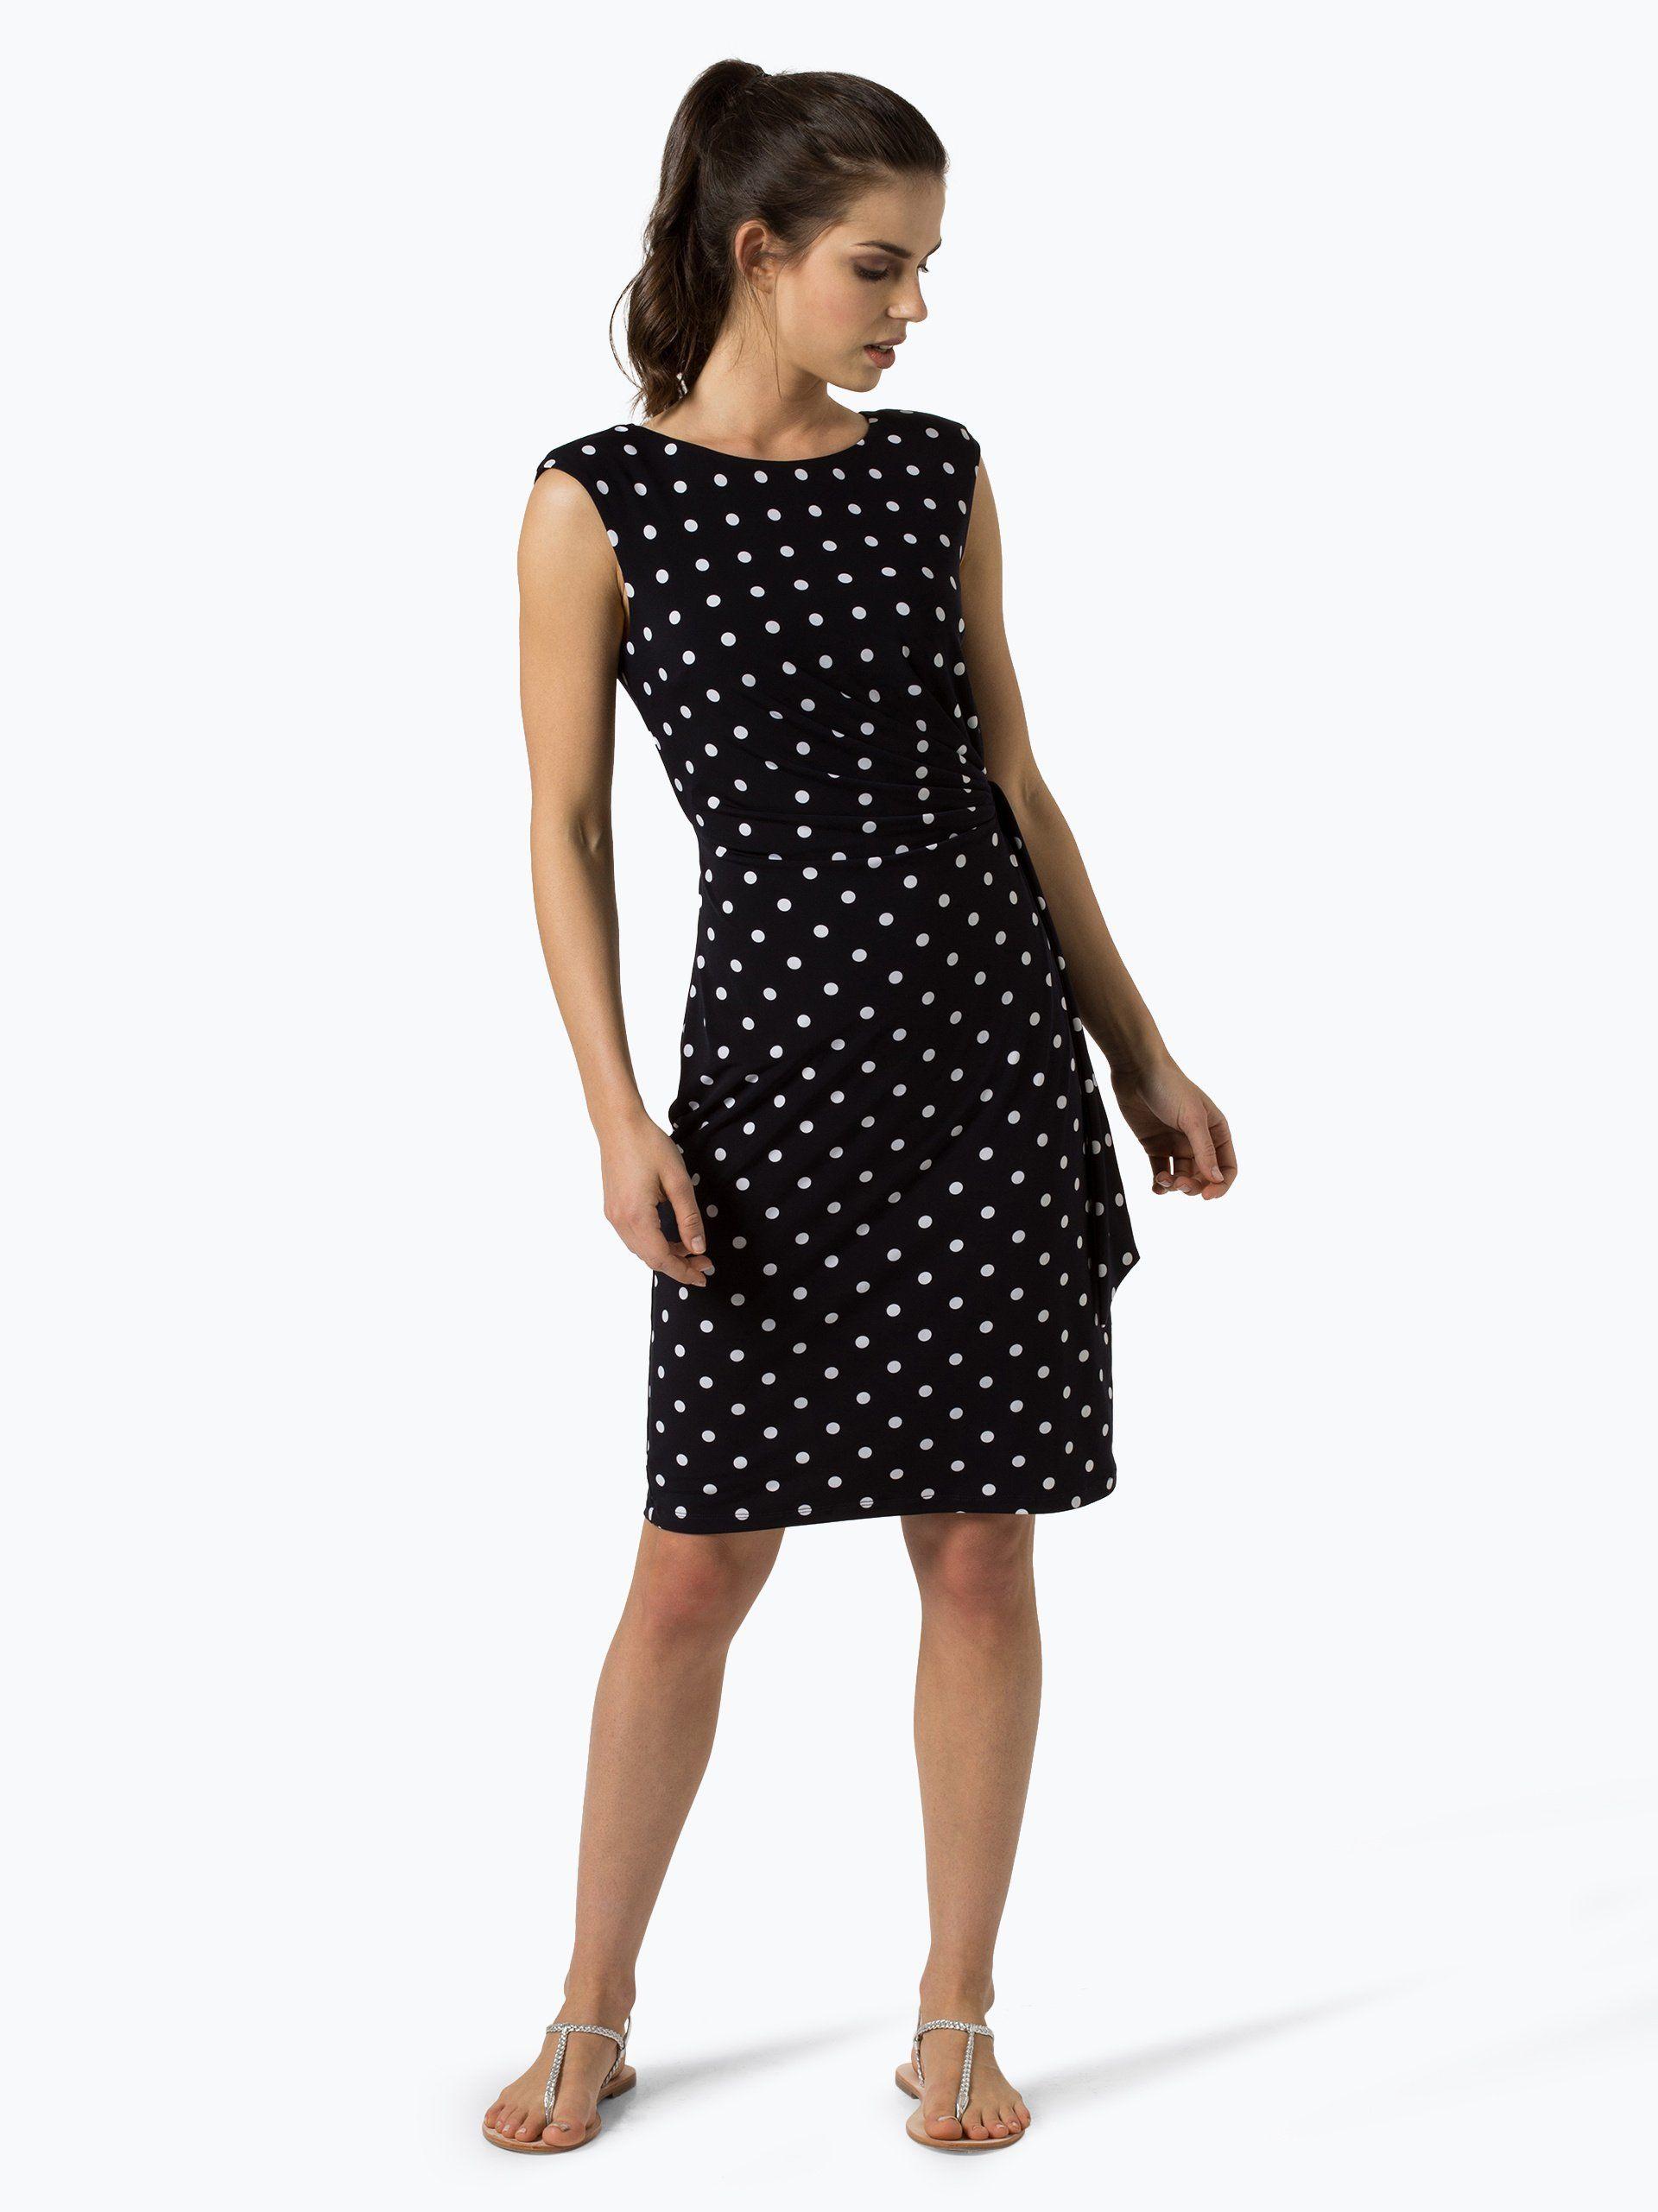 Ambiance Damen Kleid online kaufen  Kleider, Damen, Modestil